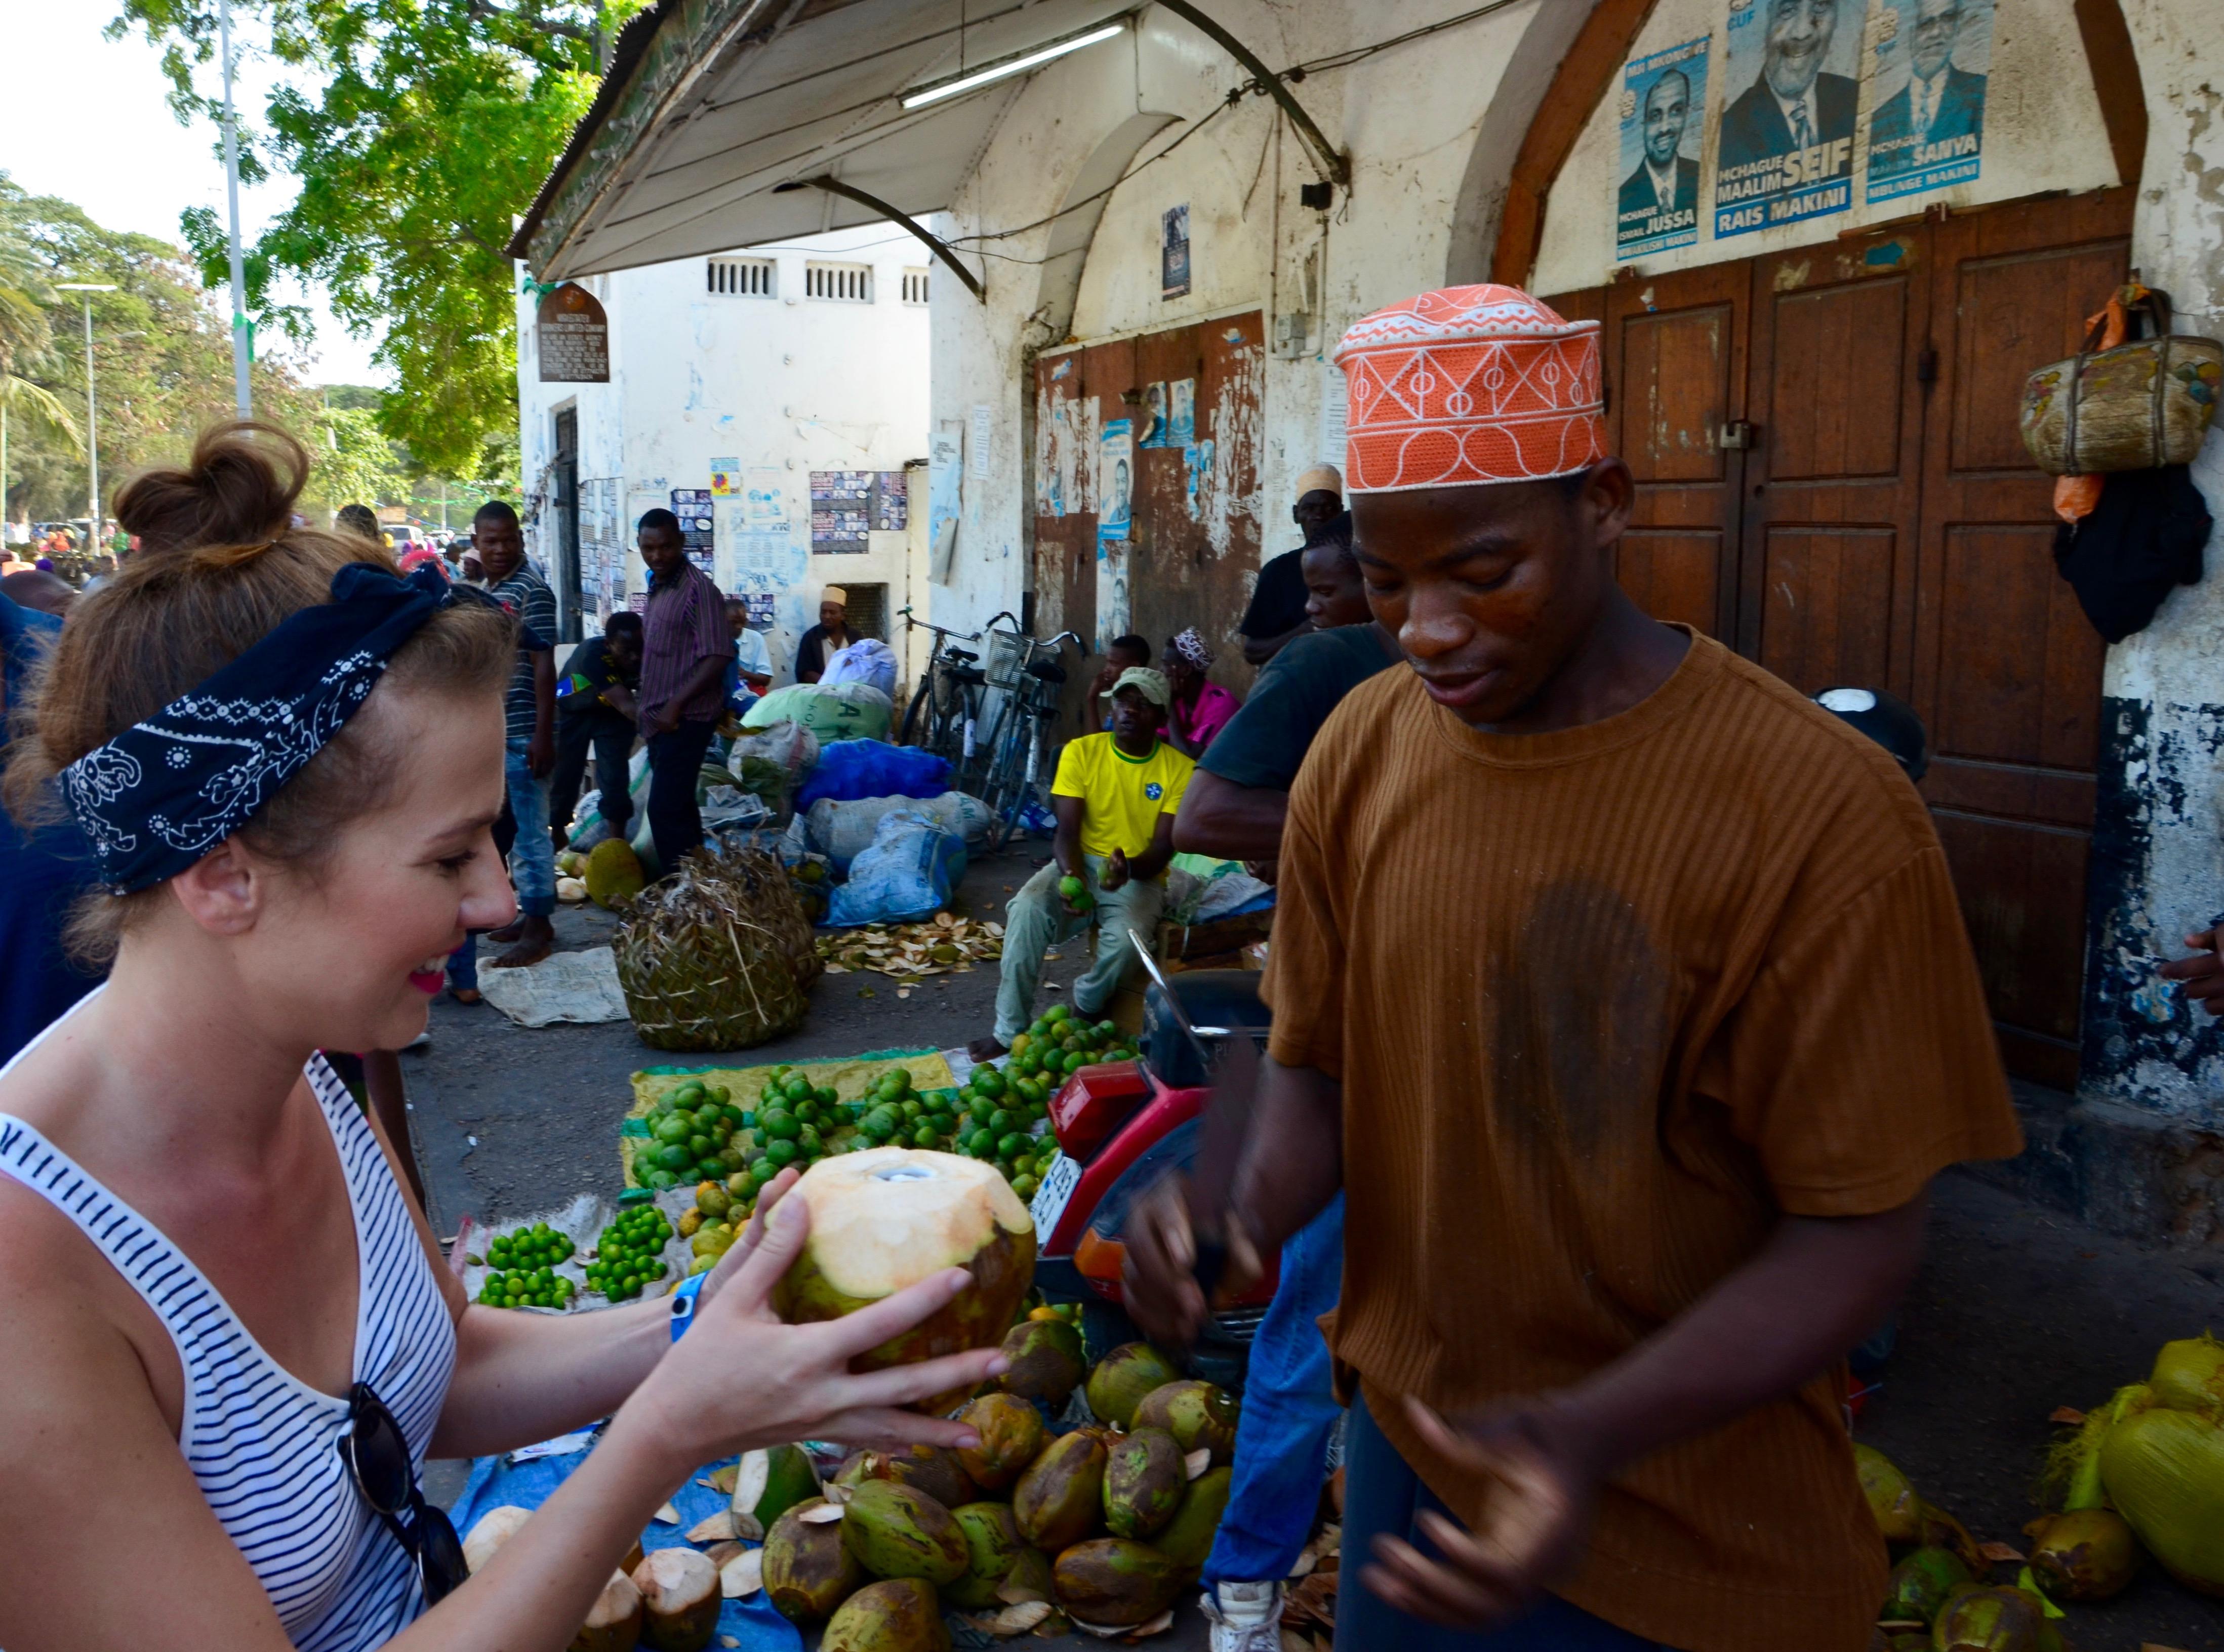 Zanzibar - miestny trh Darajani